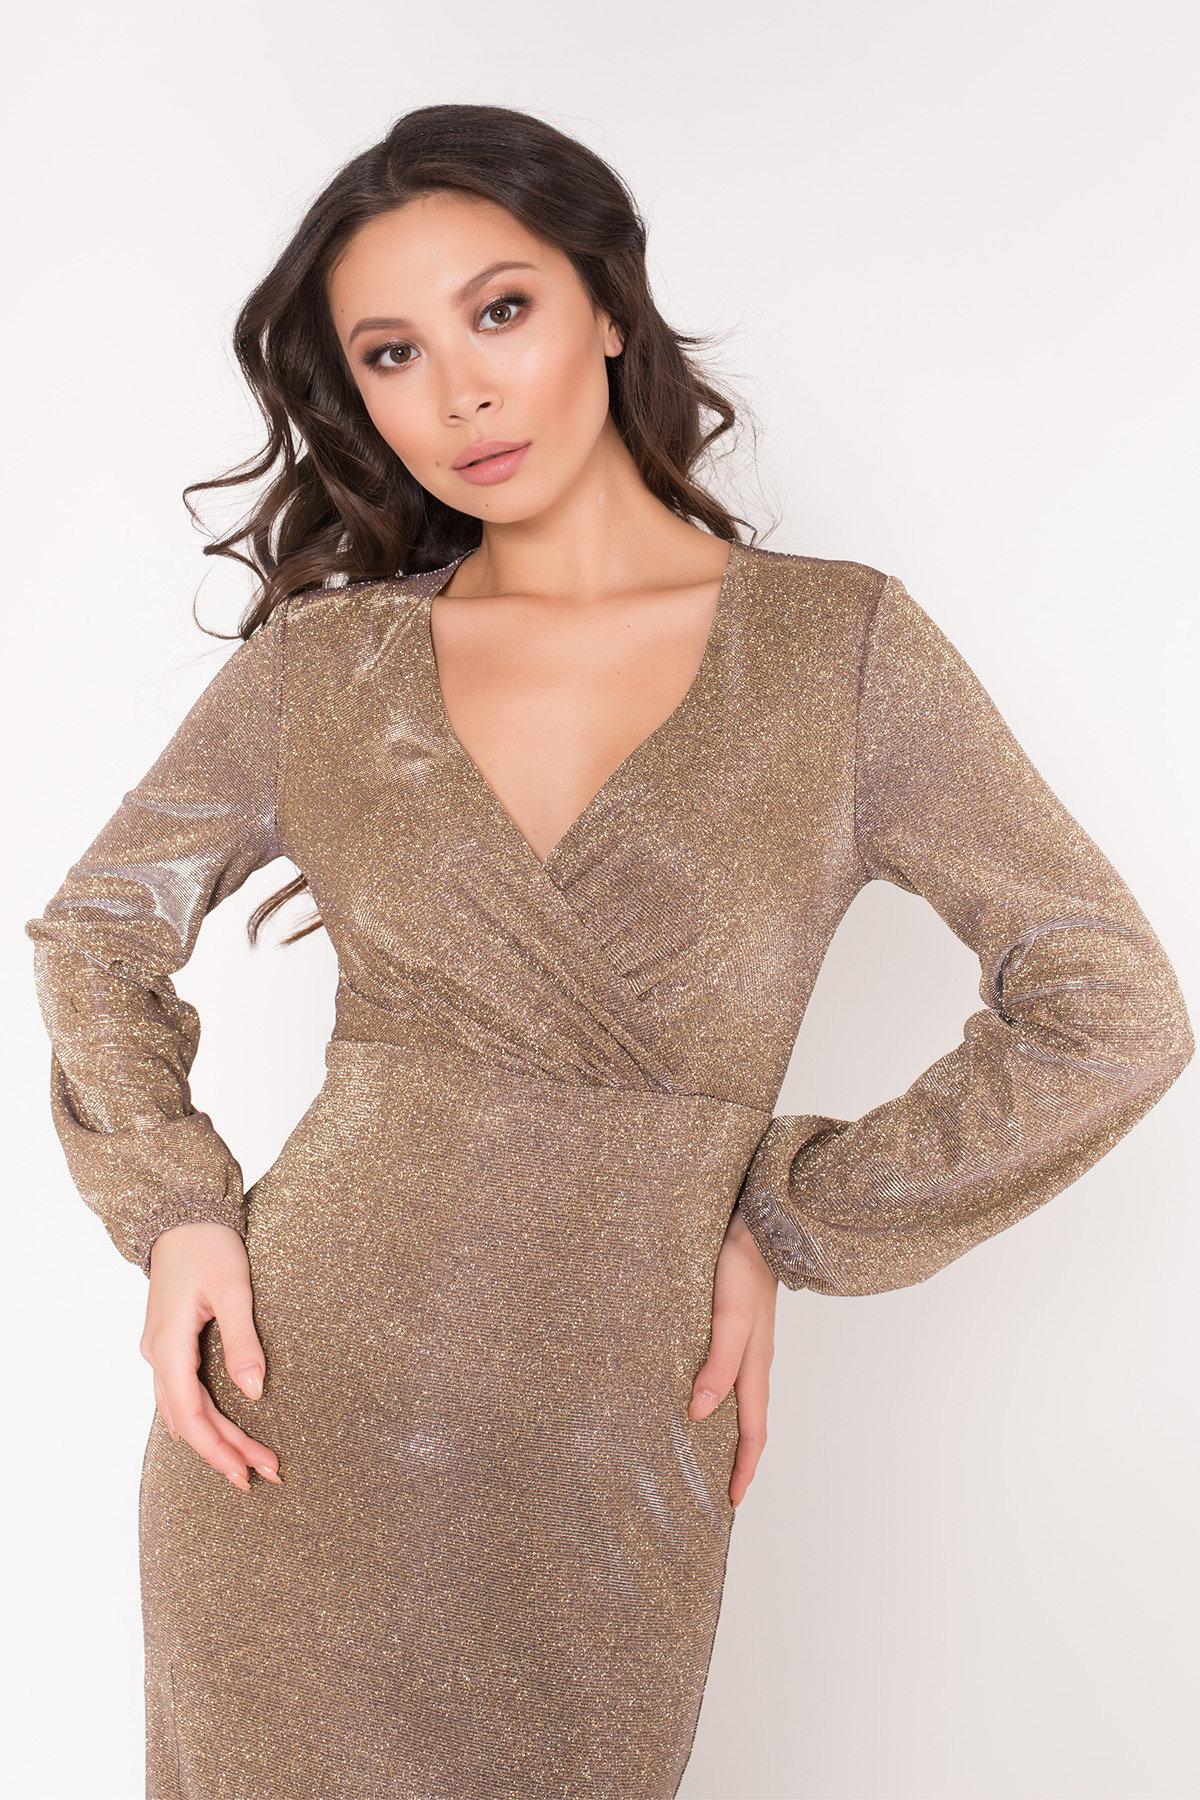 Нарядное платье с люрексом Фаселис 8527 АРТ. 44894 Цвет: Золото/серебро - фото 6, интернет магазин tm-modus.ru